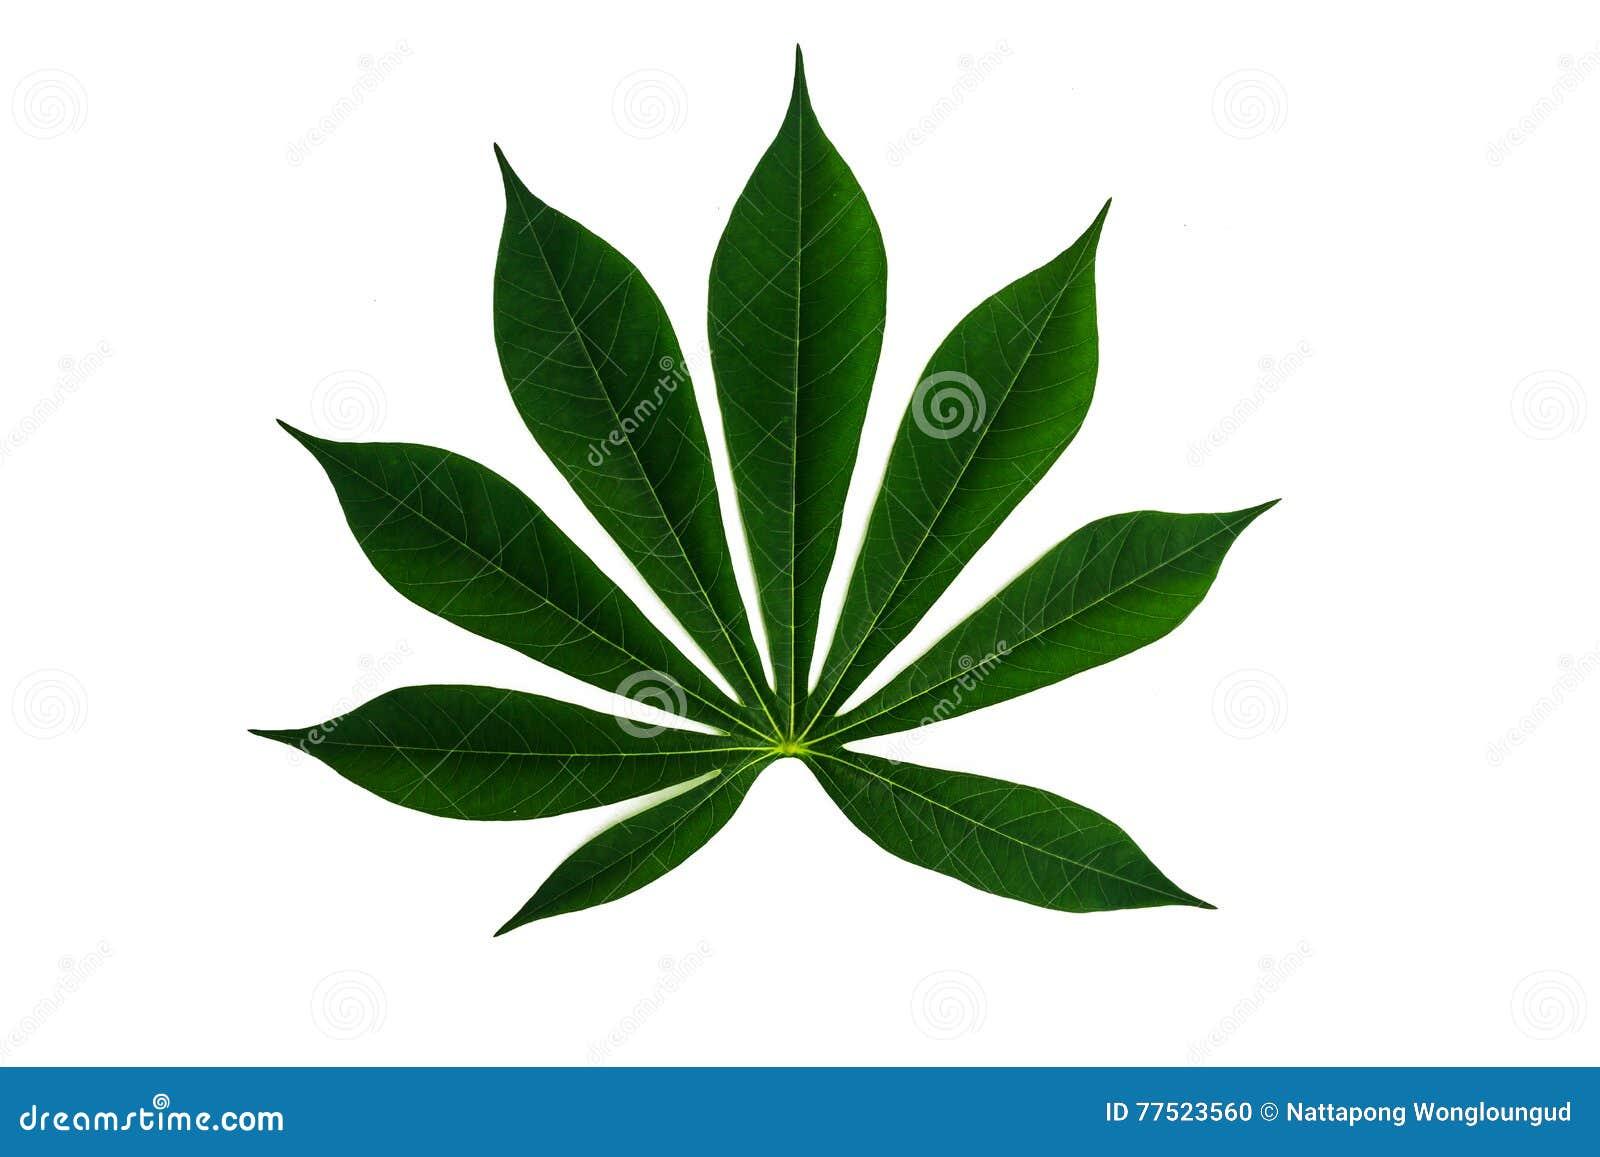 Το πράσινο φύλλο μανιόκων απομόνωσε το άσπρο υπόβαθρο